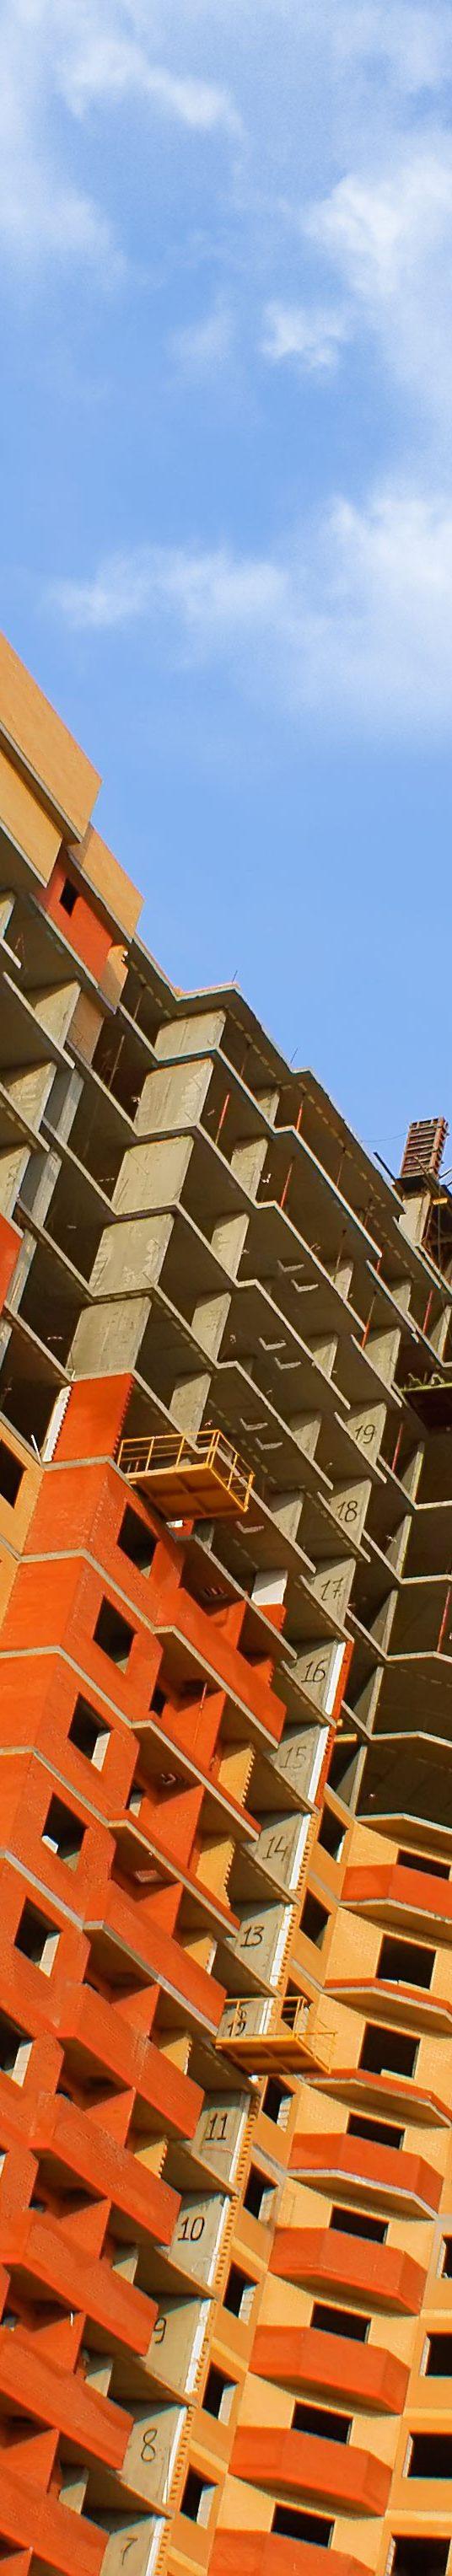 Эксперты проверили ход строительства жилого комплекса на северо-западе Москвы